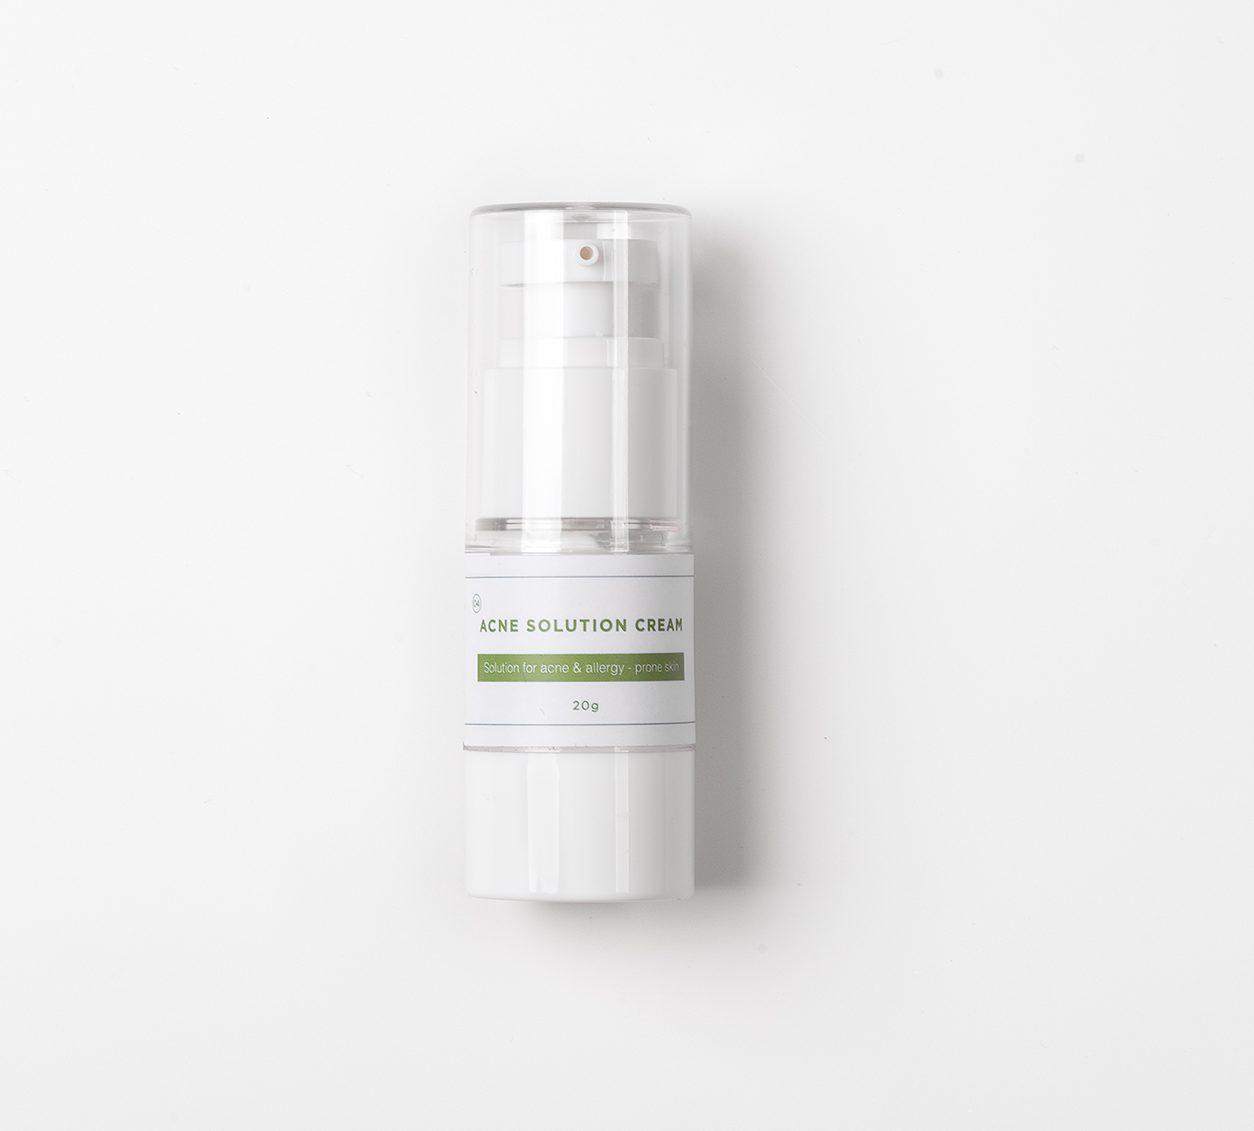 Nếu nàng là tín đồ của các sản phẩm organic (hữu cơ), thành phần lành tính gần gũi với thiên nhiên. Thì The Beauty Of Jones chính là lựa chọn dành cho nàng đây. Với công thức được điều chế riêng cho làn da mụn, nhạy cảm, tất cả thành phần trong kem trị mụn Acne Solution đều đảm bảo dịu nhẹ, an toàn cho mọi loại da. Ưu điểm nổi bật: + Kem mụn chứa tinh chất tràm trà-thành phần kháng viêm, giảm mụn sưng đỏ. Làm lành vết thương sau mụn và ngừa thâm, xẹp mụn chỉ sau 48h. + Kết cấu dạng kem lỏng, màu trắng. Khi bôi lên vùng da mụn sẽ khô lại làm tiêu viêm hoặc gom cồi mụn nhanh chóng. + Trị mụn nhưng không đẩy mụn, cơ chế hoạt động giúp đào thải vi khuẩn dưới lỗ chân lông lên bề mặt da. Nhân mụn sẽ được làm khô và từ từ trồi lên bề mặt giúp việc lấy nhân mụn dễ dàng hơn. + Thành phần thiên nhiên được kiểm nghiệm chặt chẽ từ sở y tế. Đảm bảo an toàn cho da mụn nhạy cảm kể cả phụ nữ có thai. Cảm nhận cá nhân: Nhiều bạn hay nghĩ sản phẩm đến từ thiên nhiên thì hiệu quả kém hơn so với các thành phần hóa học khác. Nhưng không phải đâu nha, do những thành phần thiên nhiên hay có đặc tính dịu nhẹ. Hiệu quả sẽ phát huy từ từ để da kịp thích nghi mà không gây kích ứng. Nên tụi mình hay có cảm giác hiệu quả chậm. Thế nhưng điều này mới đảm bảo an toàn cho da, chậm mà chắc. Sản phẩm có khả năng làm dịu, xẹp nốt mụn viêm chỉ sau 48 tiếng. Vì là kem đặc trị nên có thể làm khô da nên chỉ bôi lên nốt mụn chứ không thoa cả mặt